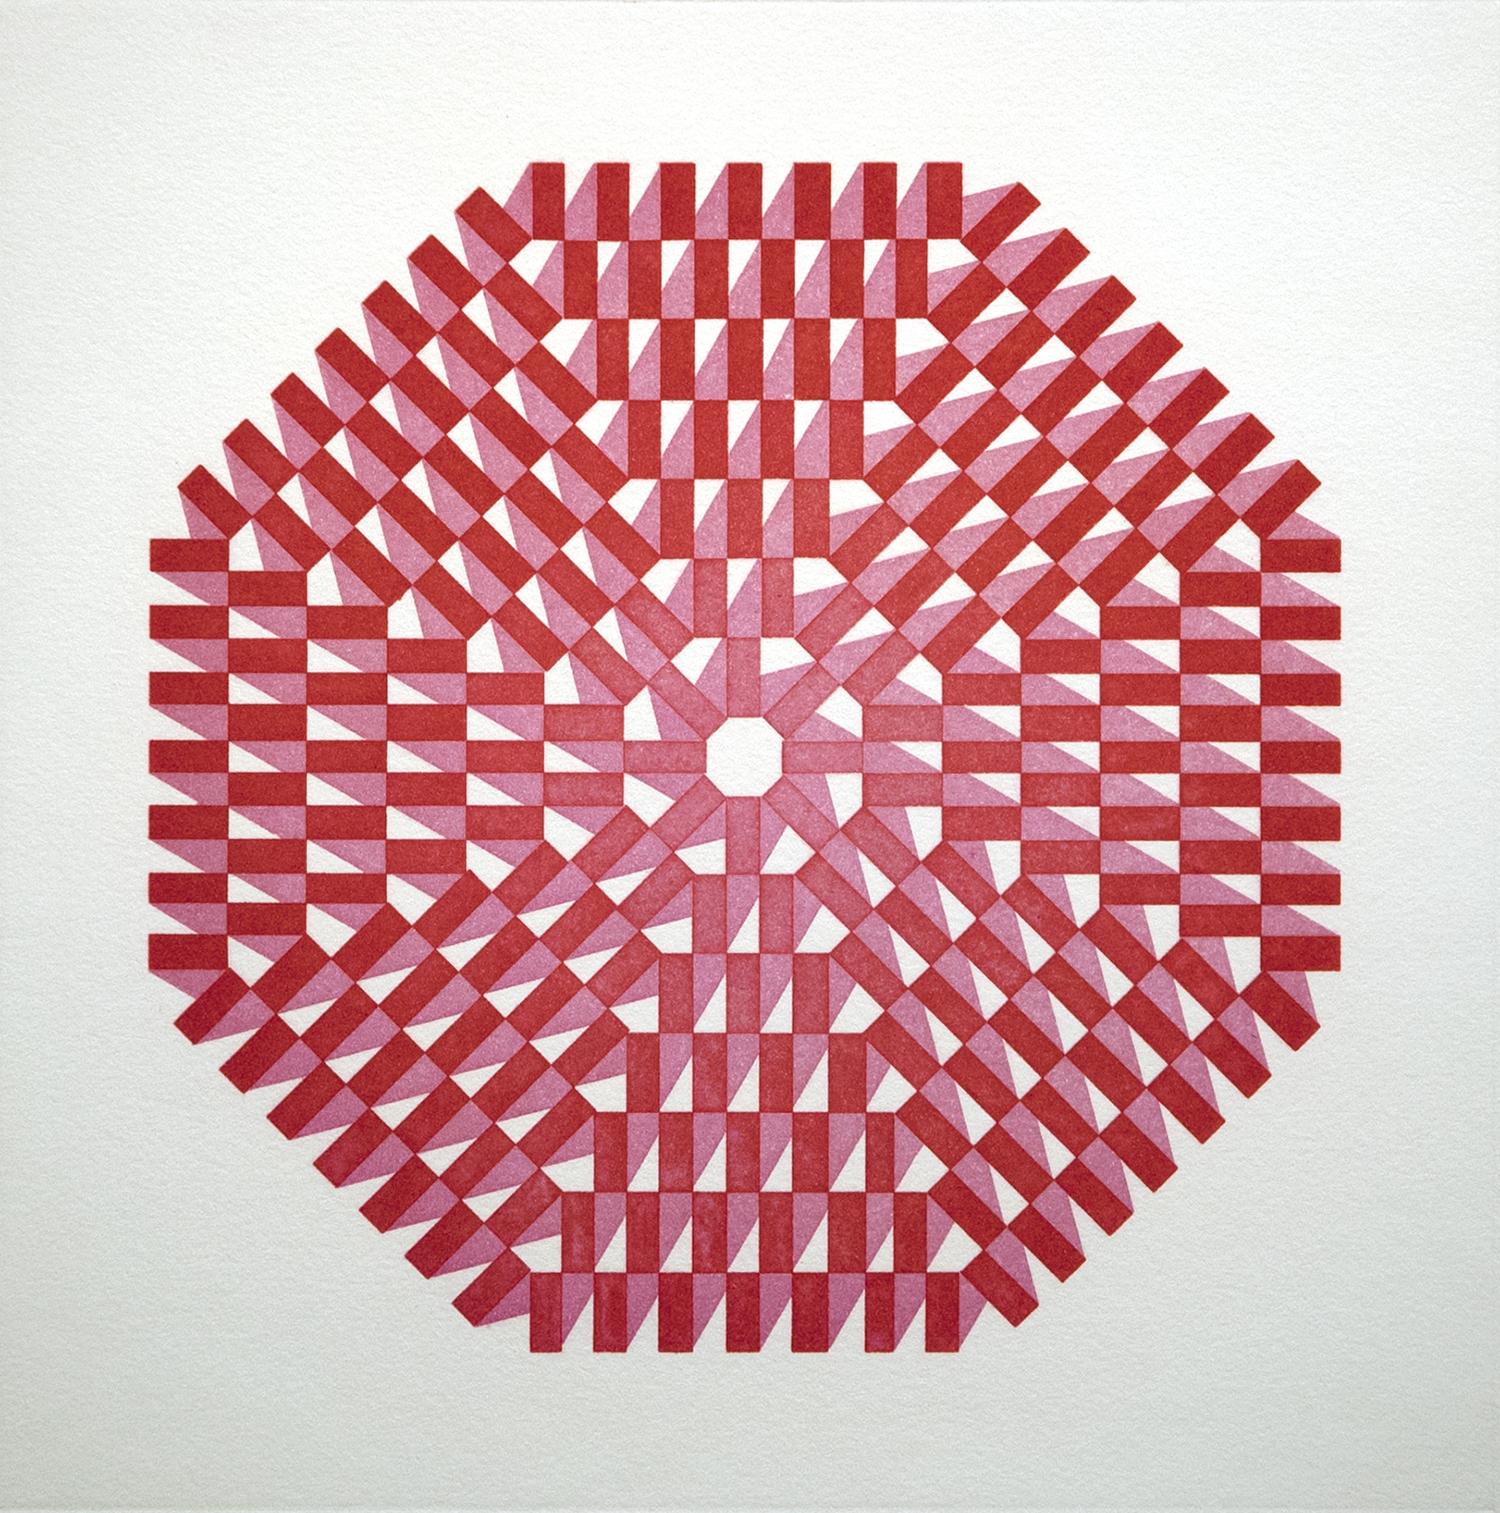 Botta Circle Red, 2014